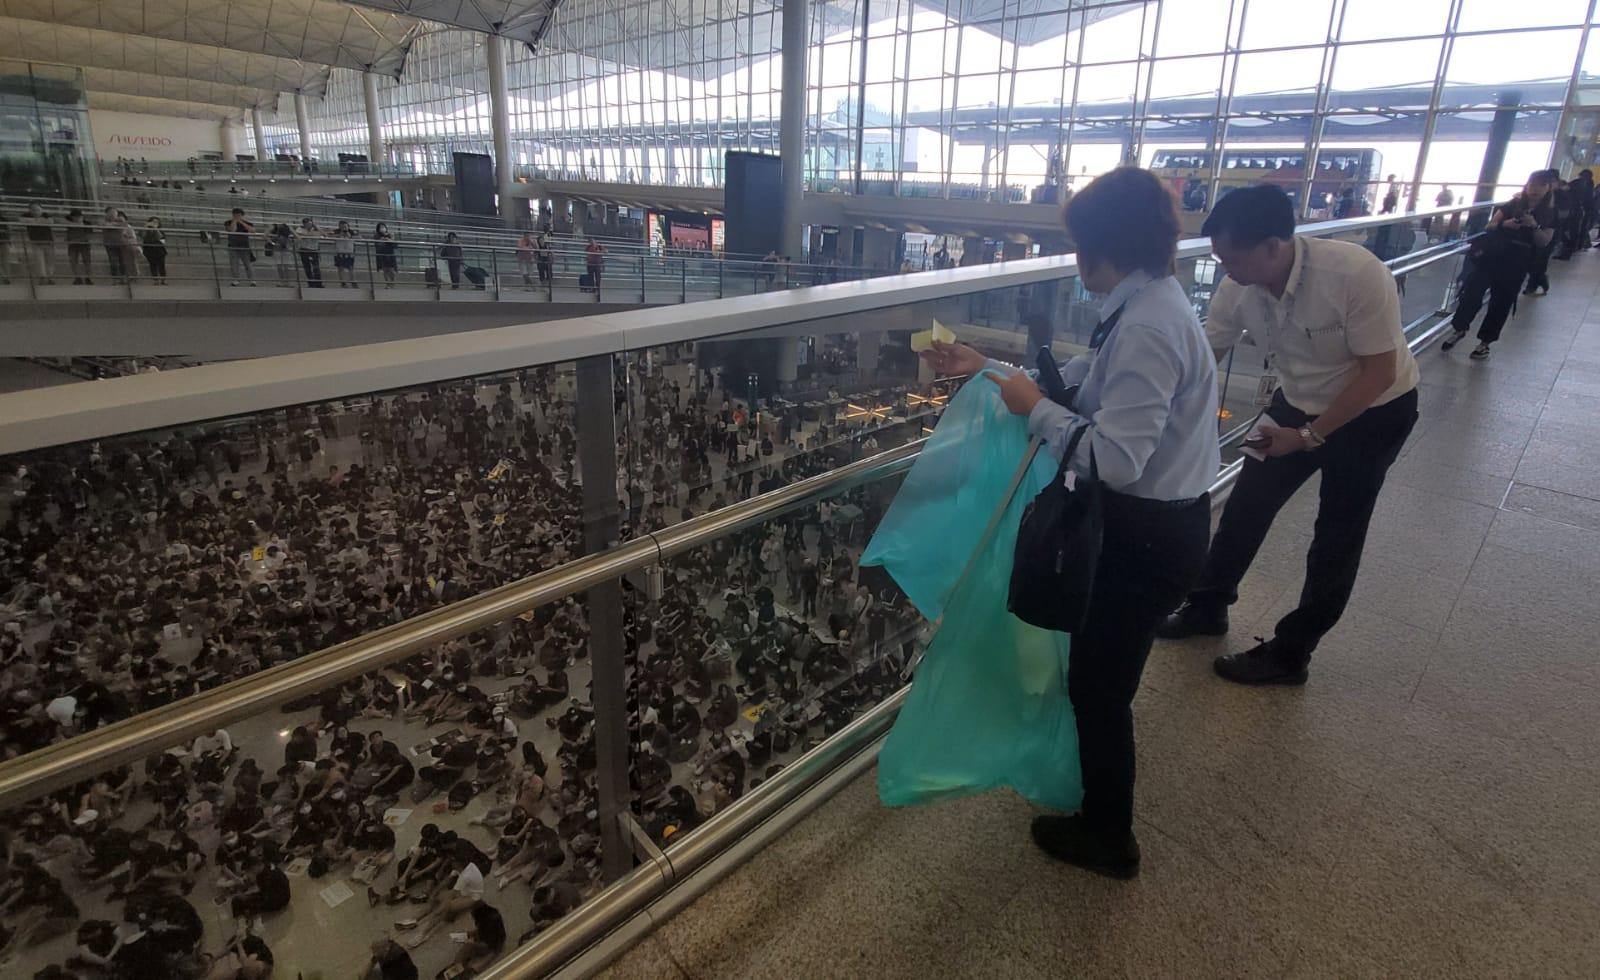 機場職員清理通往離境大堂通道上的標貼時,遭集會人士喝倒彩。